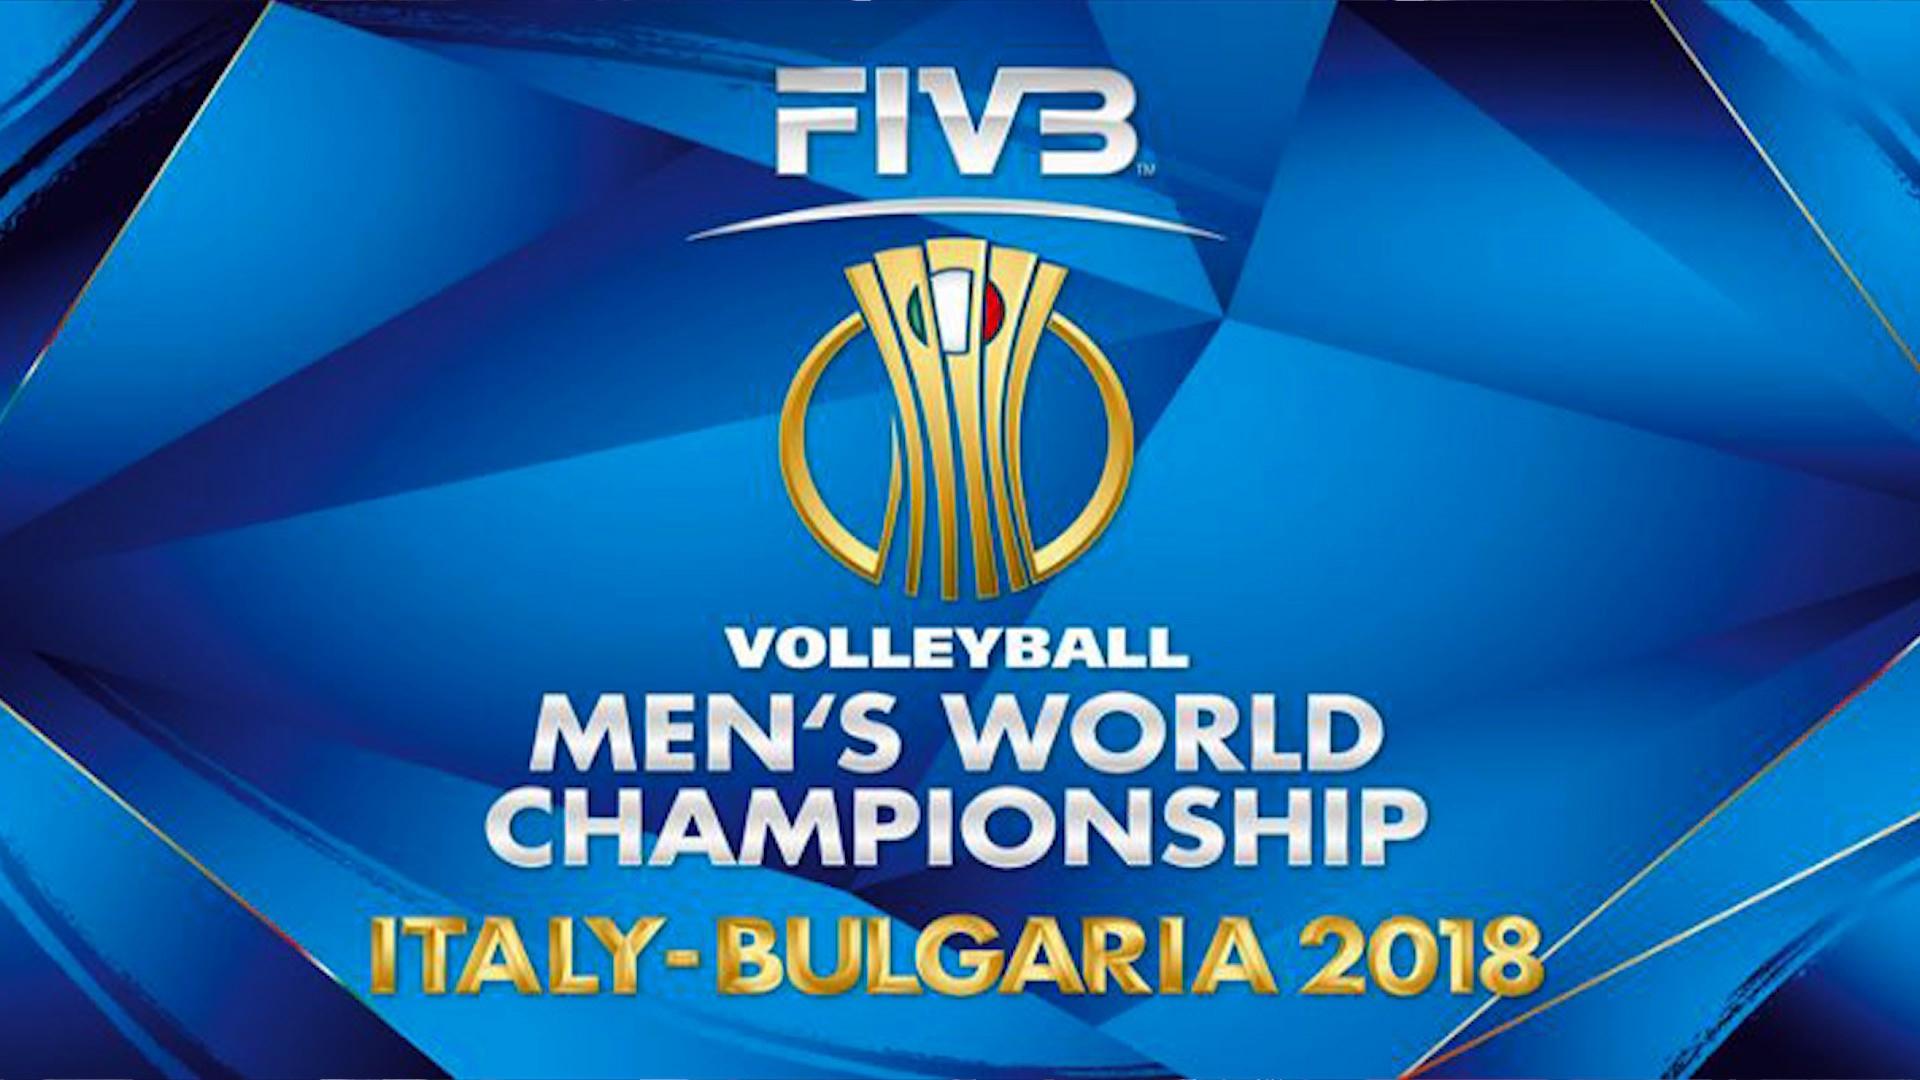 Българската национална телевизия е официален телевизионен домакин на Световното първенство